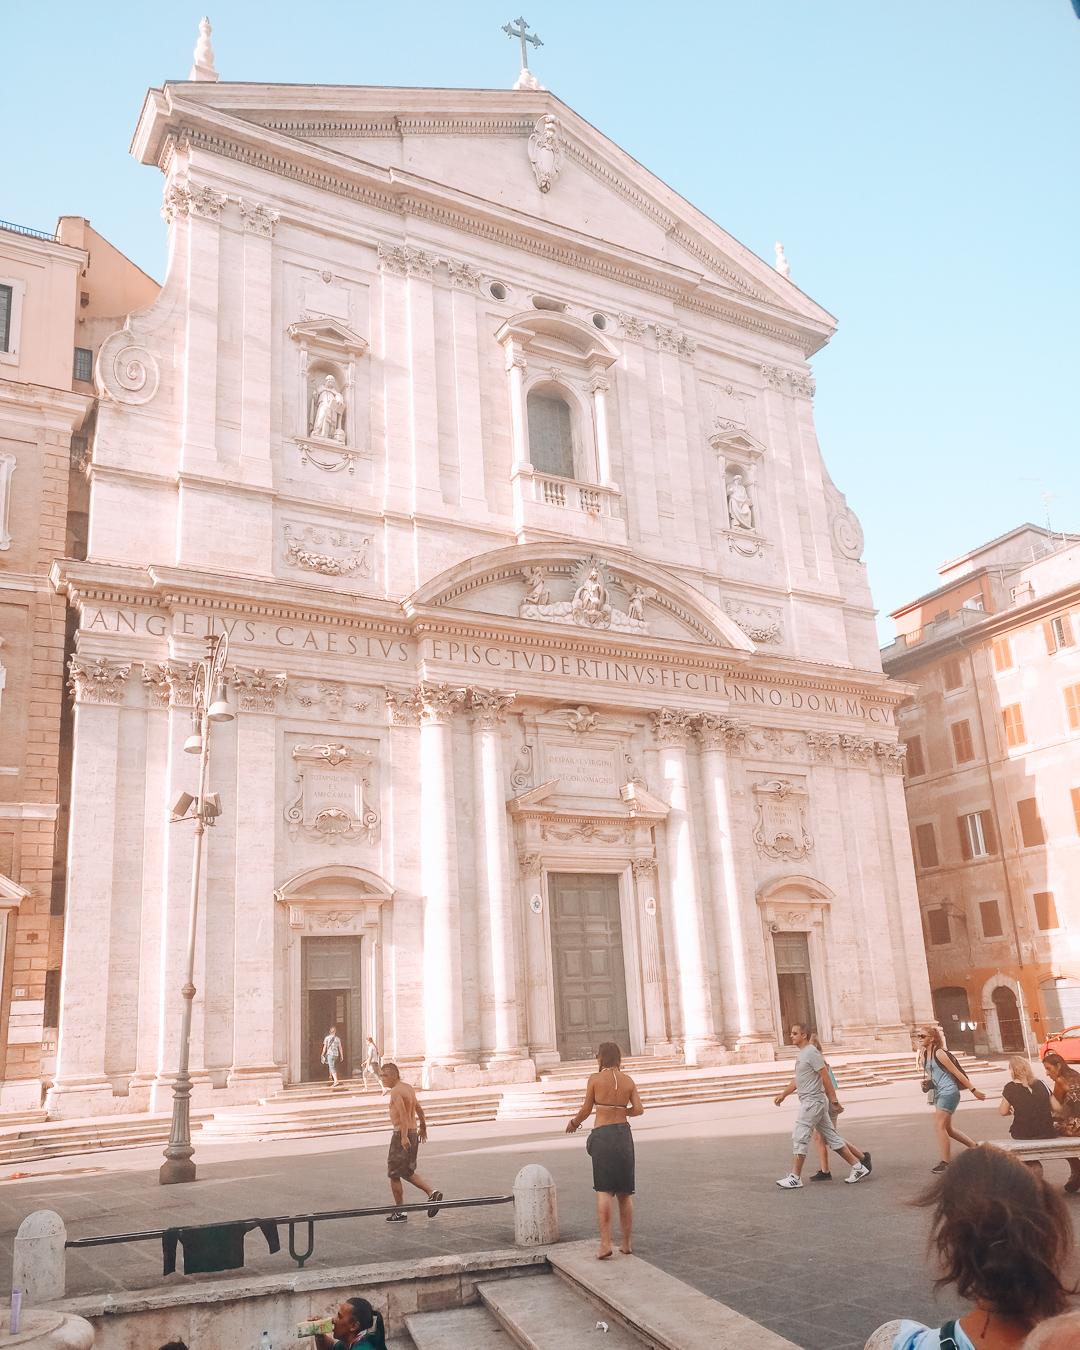 Chiesa Nuova in Rome